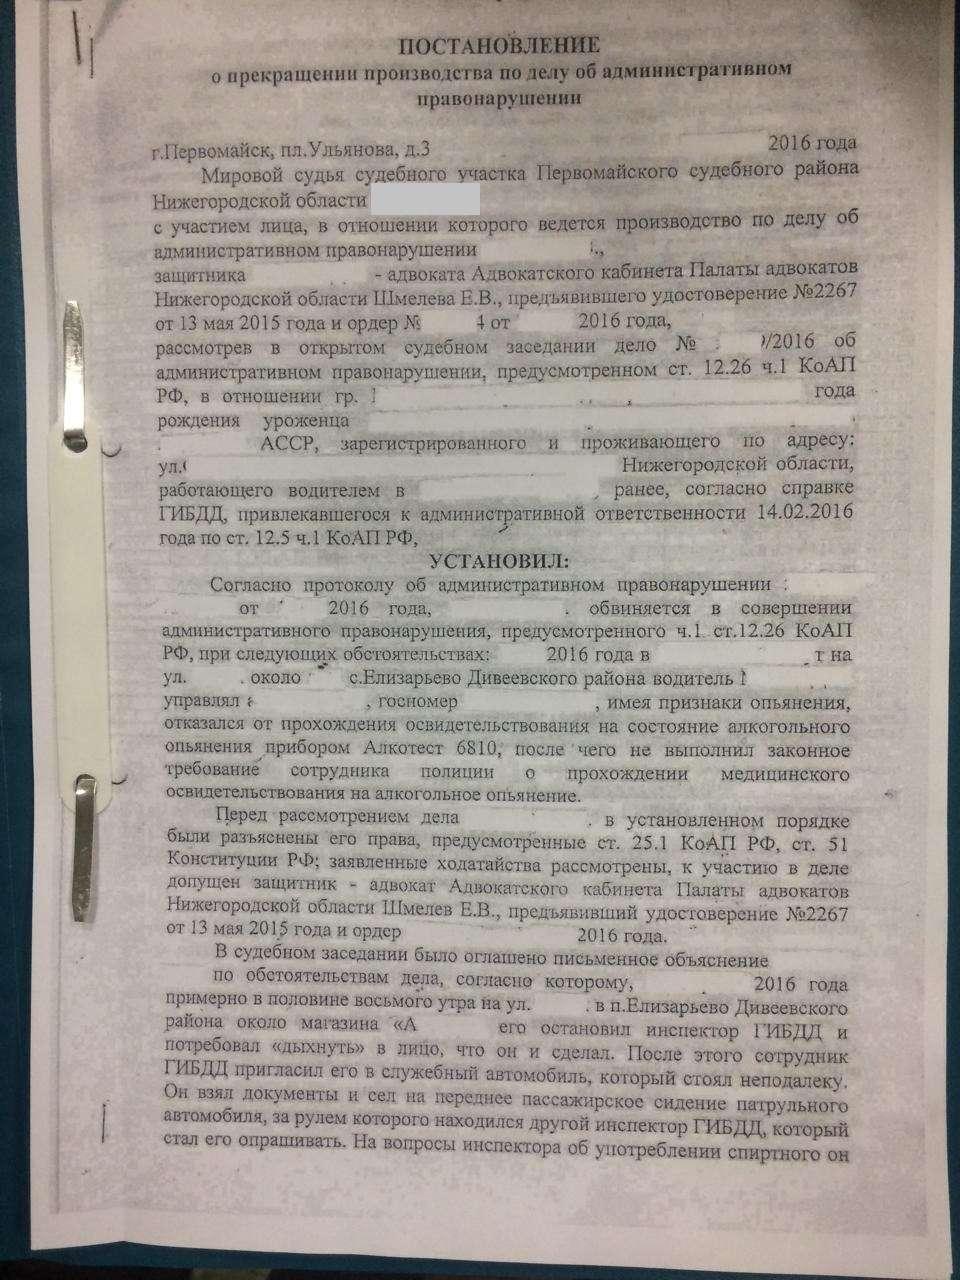 Разводки ГИБДД: как нелишиться прав заотказ отмедосвидетельствования— фото 927380